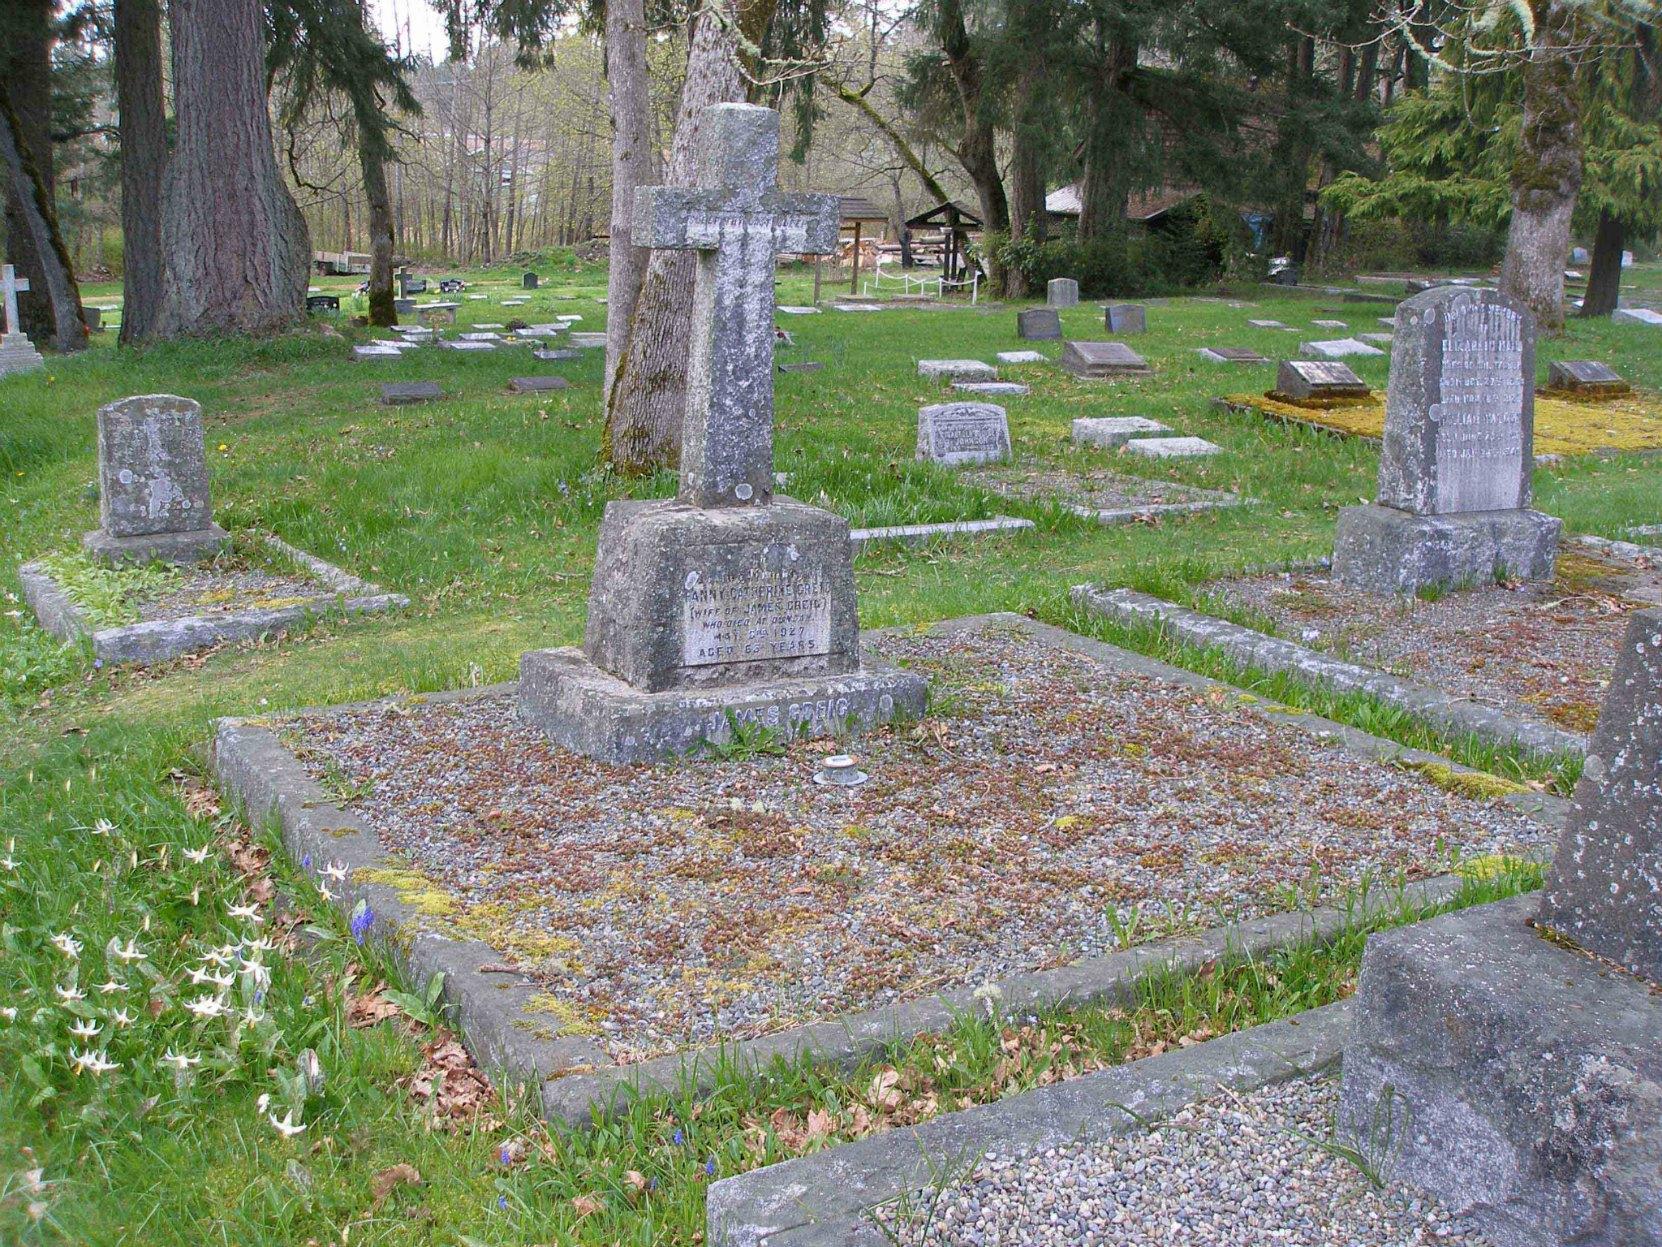 James Grieg grave, St. Peter's Quamichan cemetery